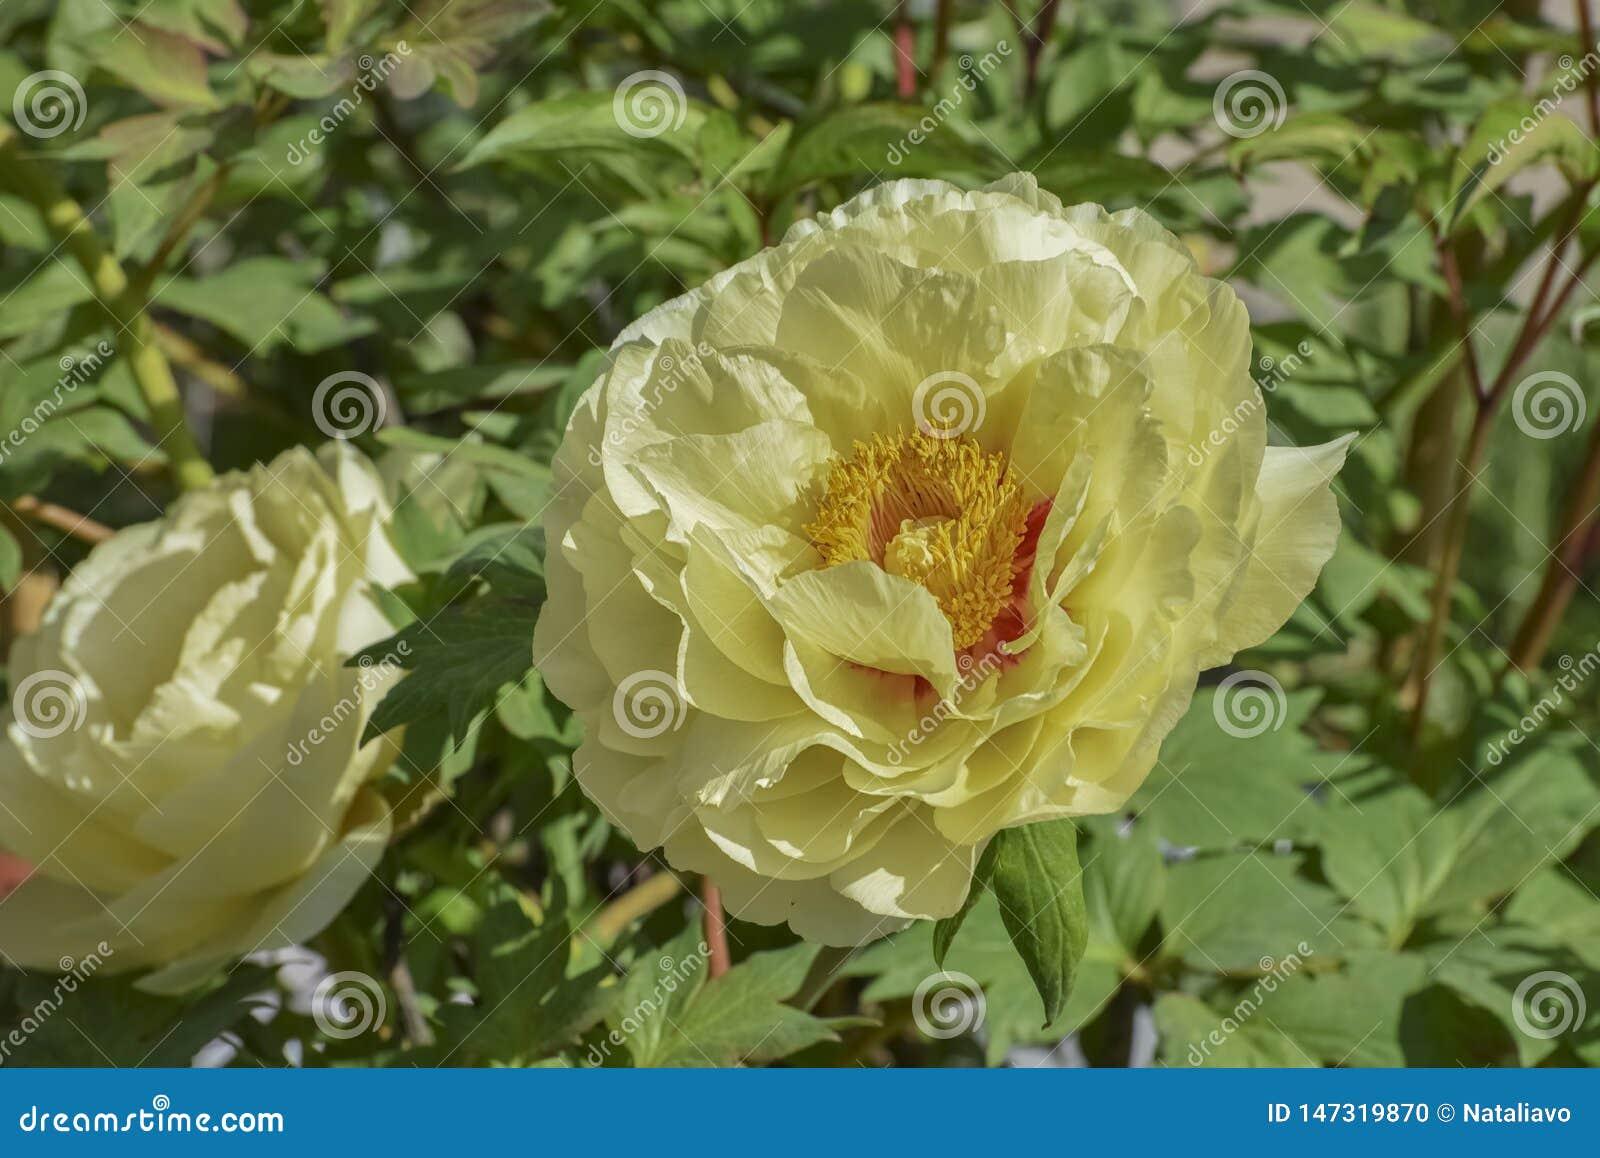 Paeonia Arborescens Deciduous Perennial Shrub With Big Yellow